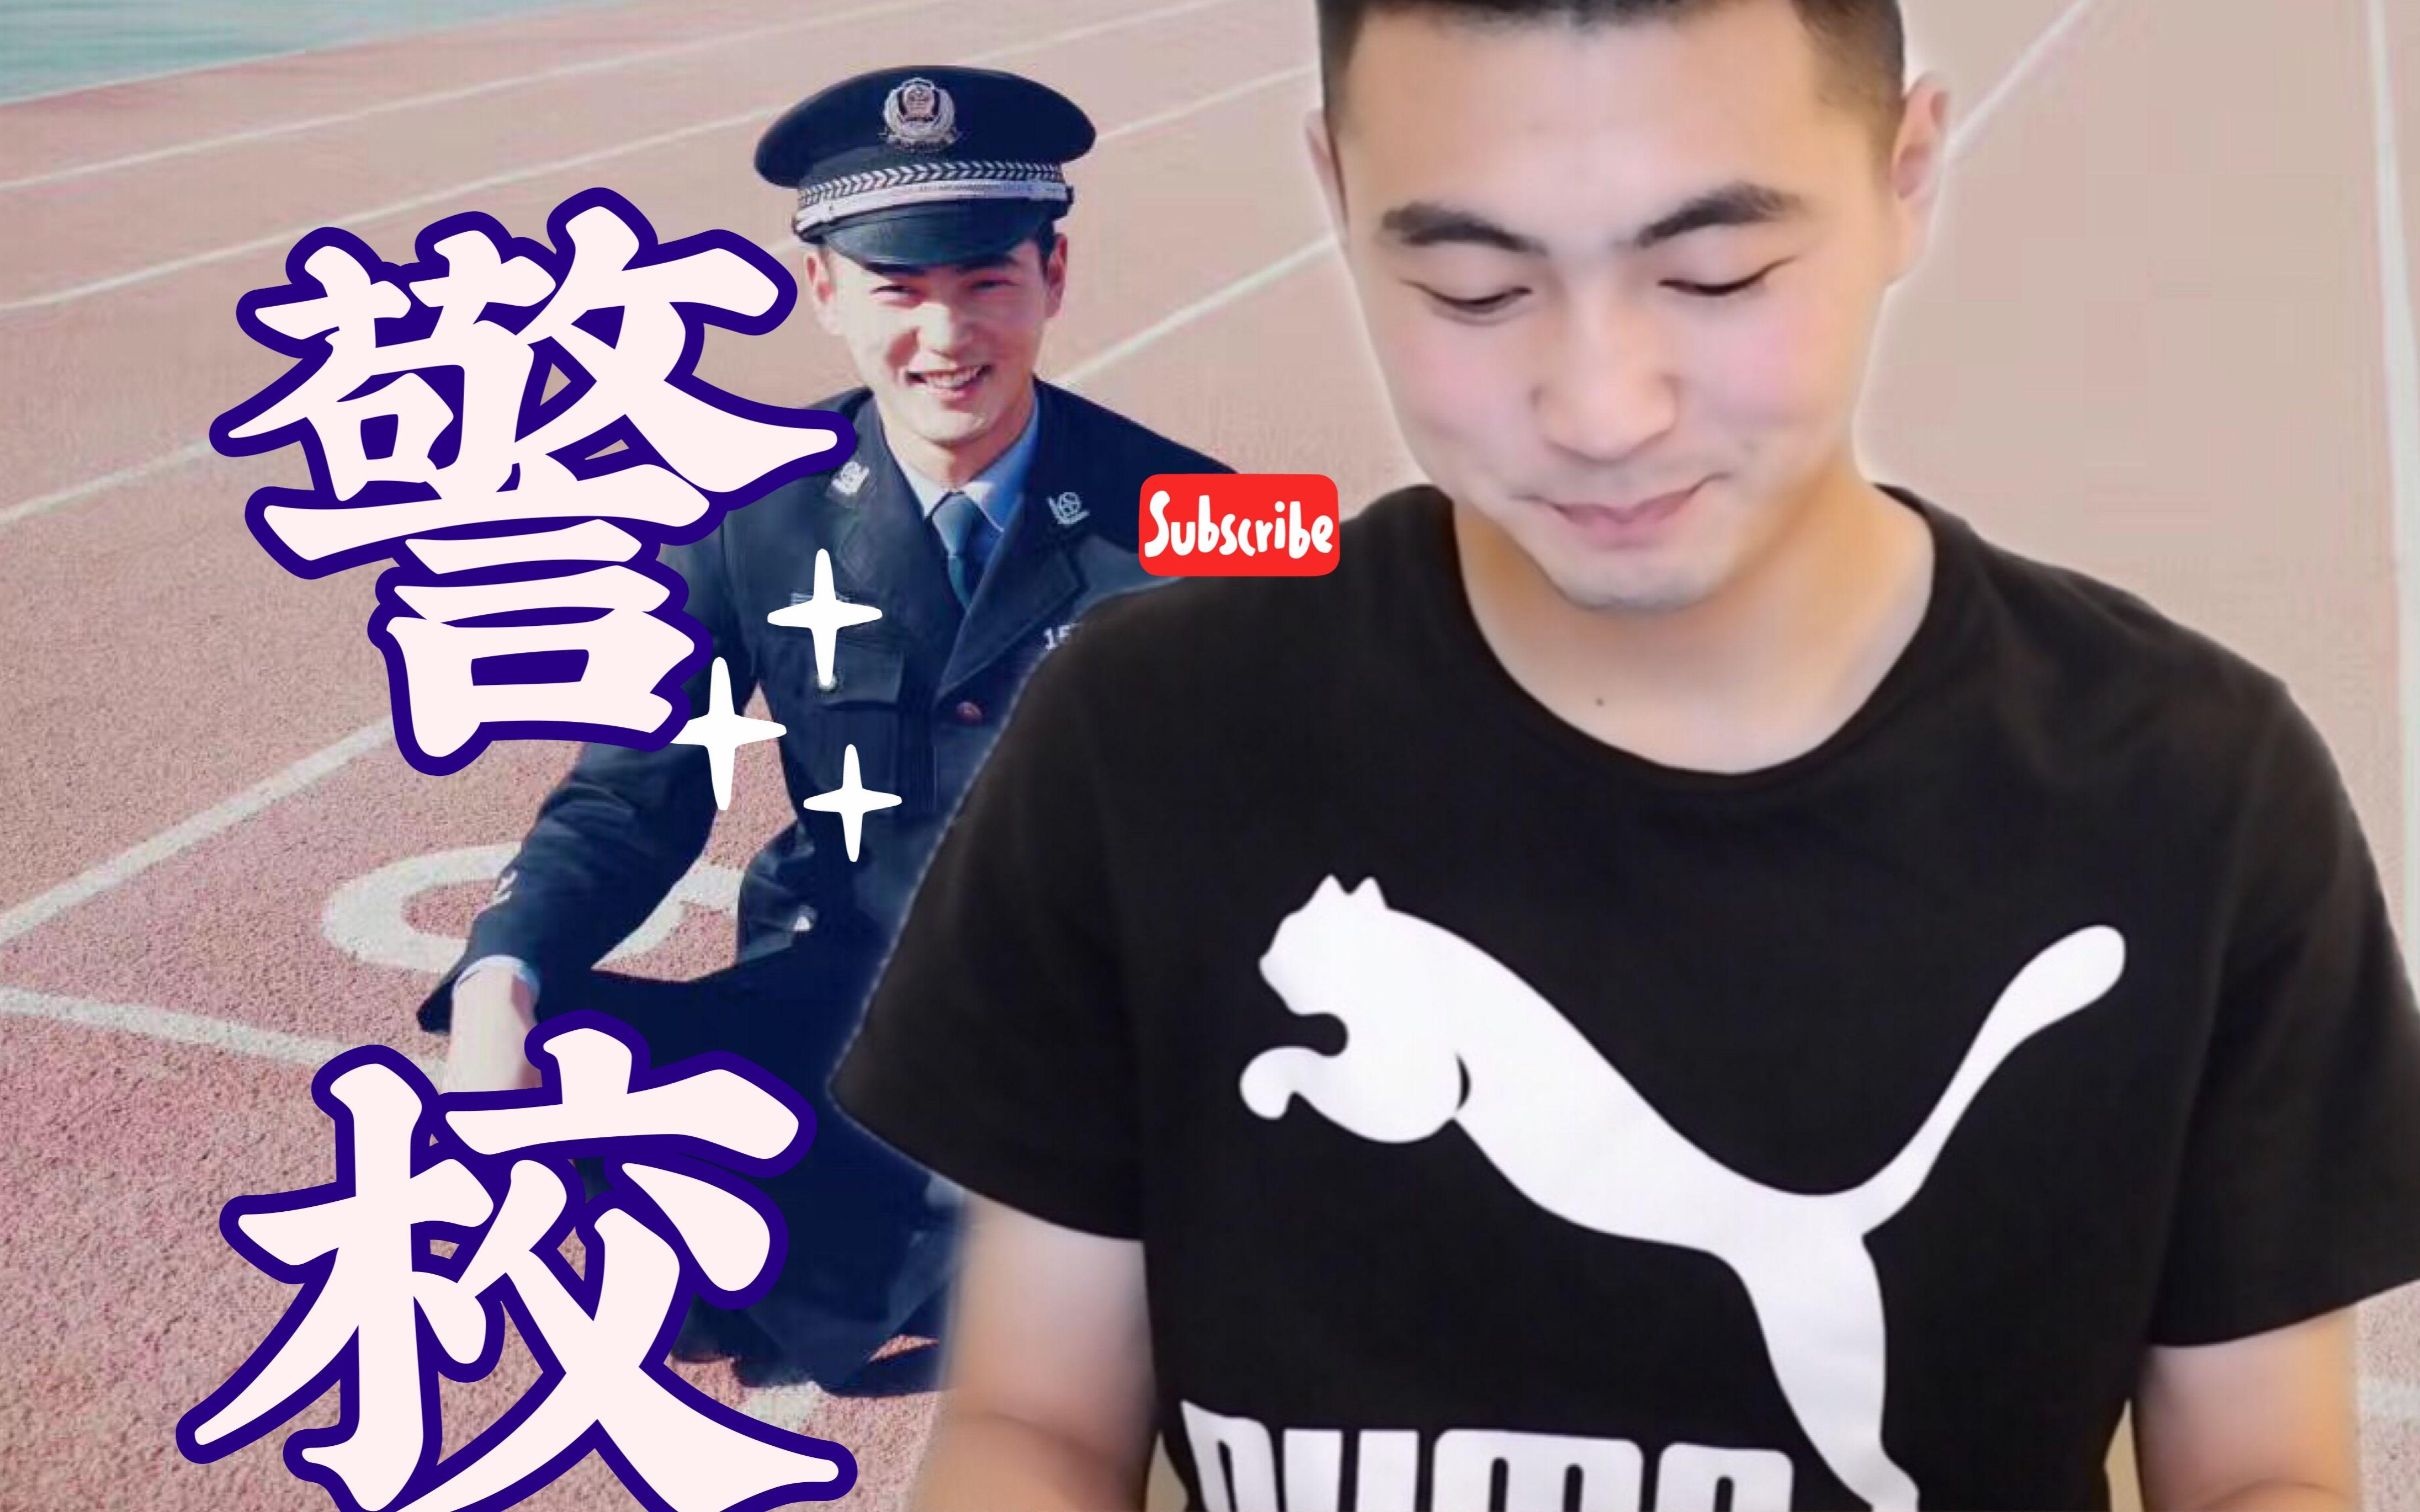 !!警校生报考!!中国人民公安大学的警校生活